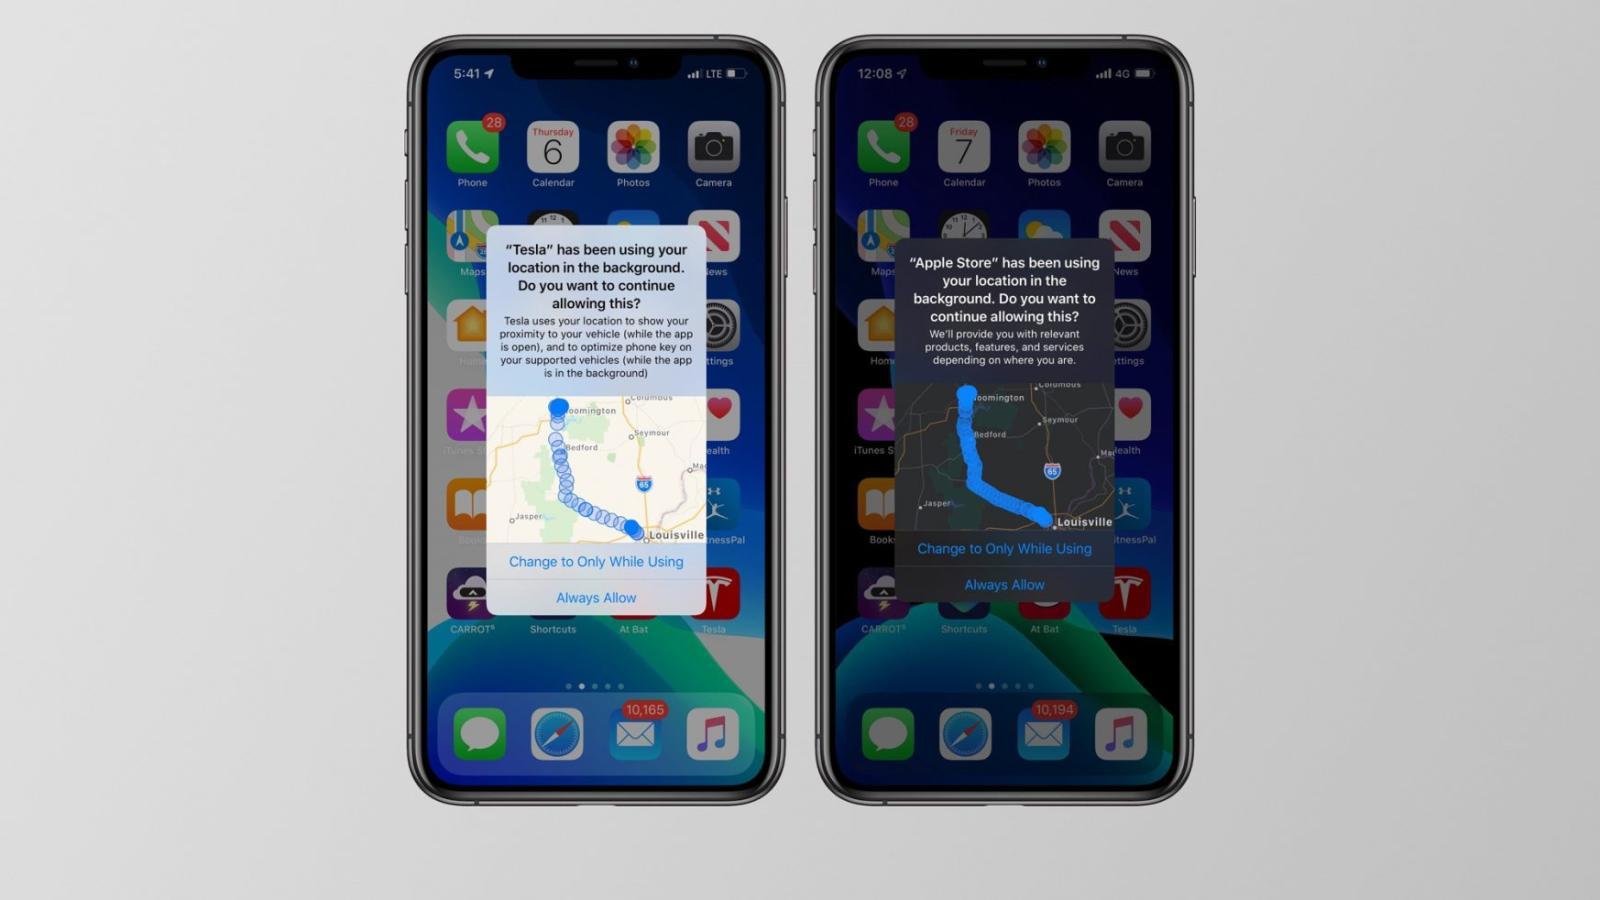 Tại sao iPhone luôn liên tục hỏi về việc ngầm sử dụng dữ liệu vị trí